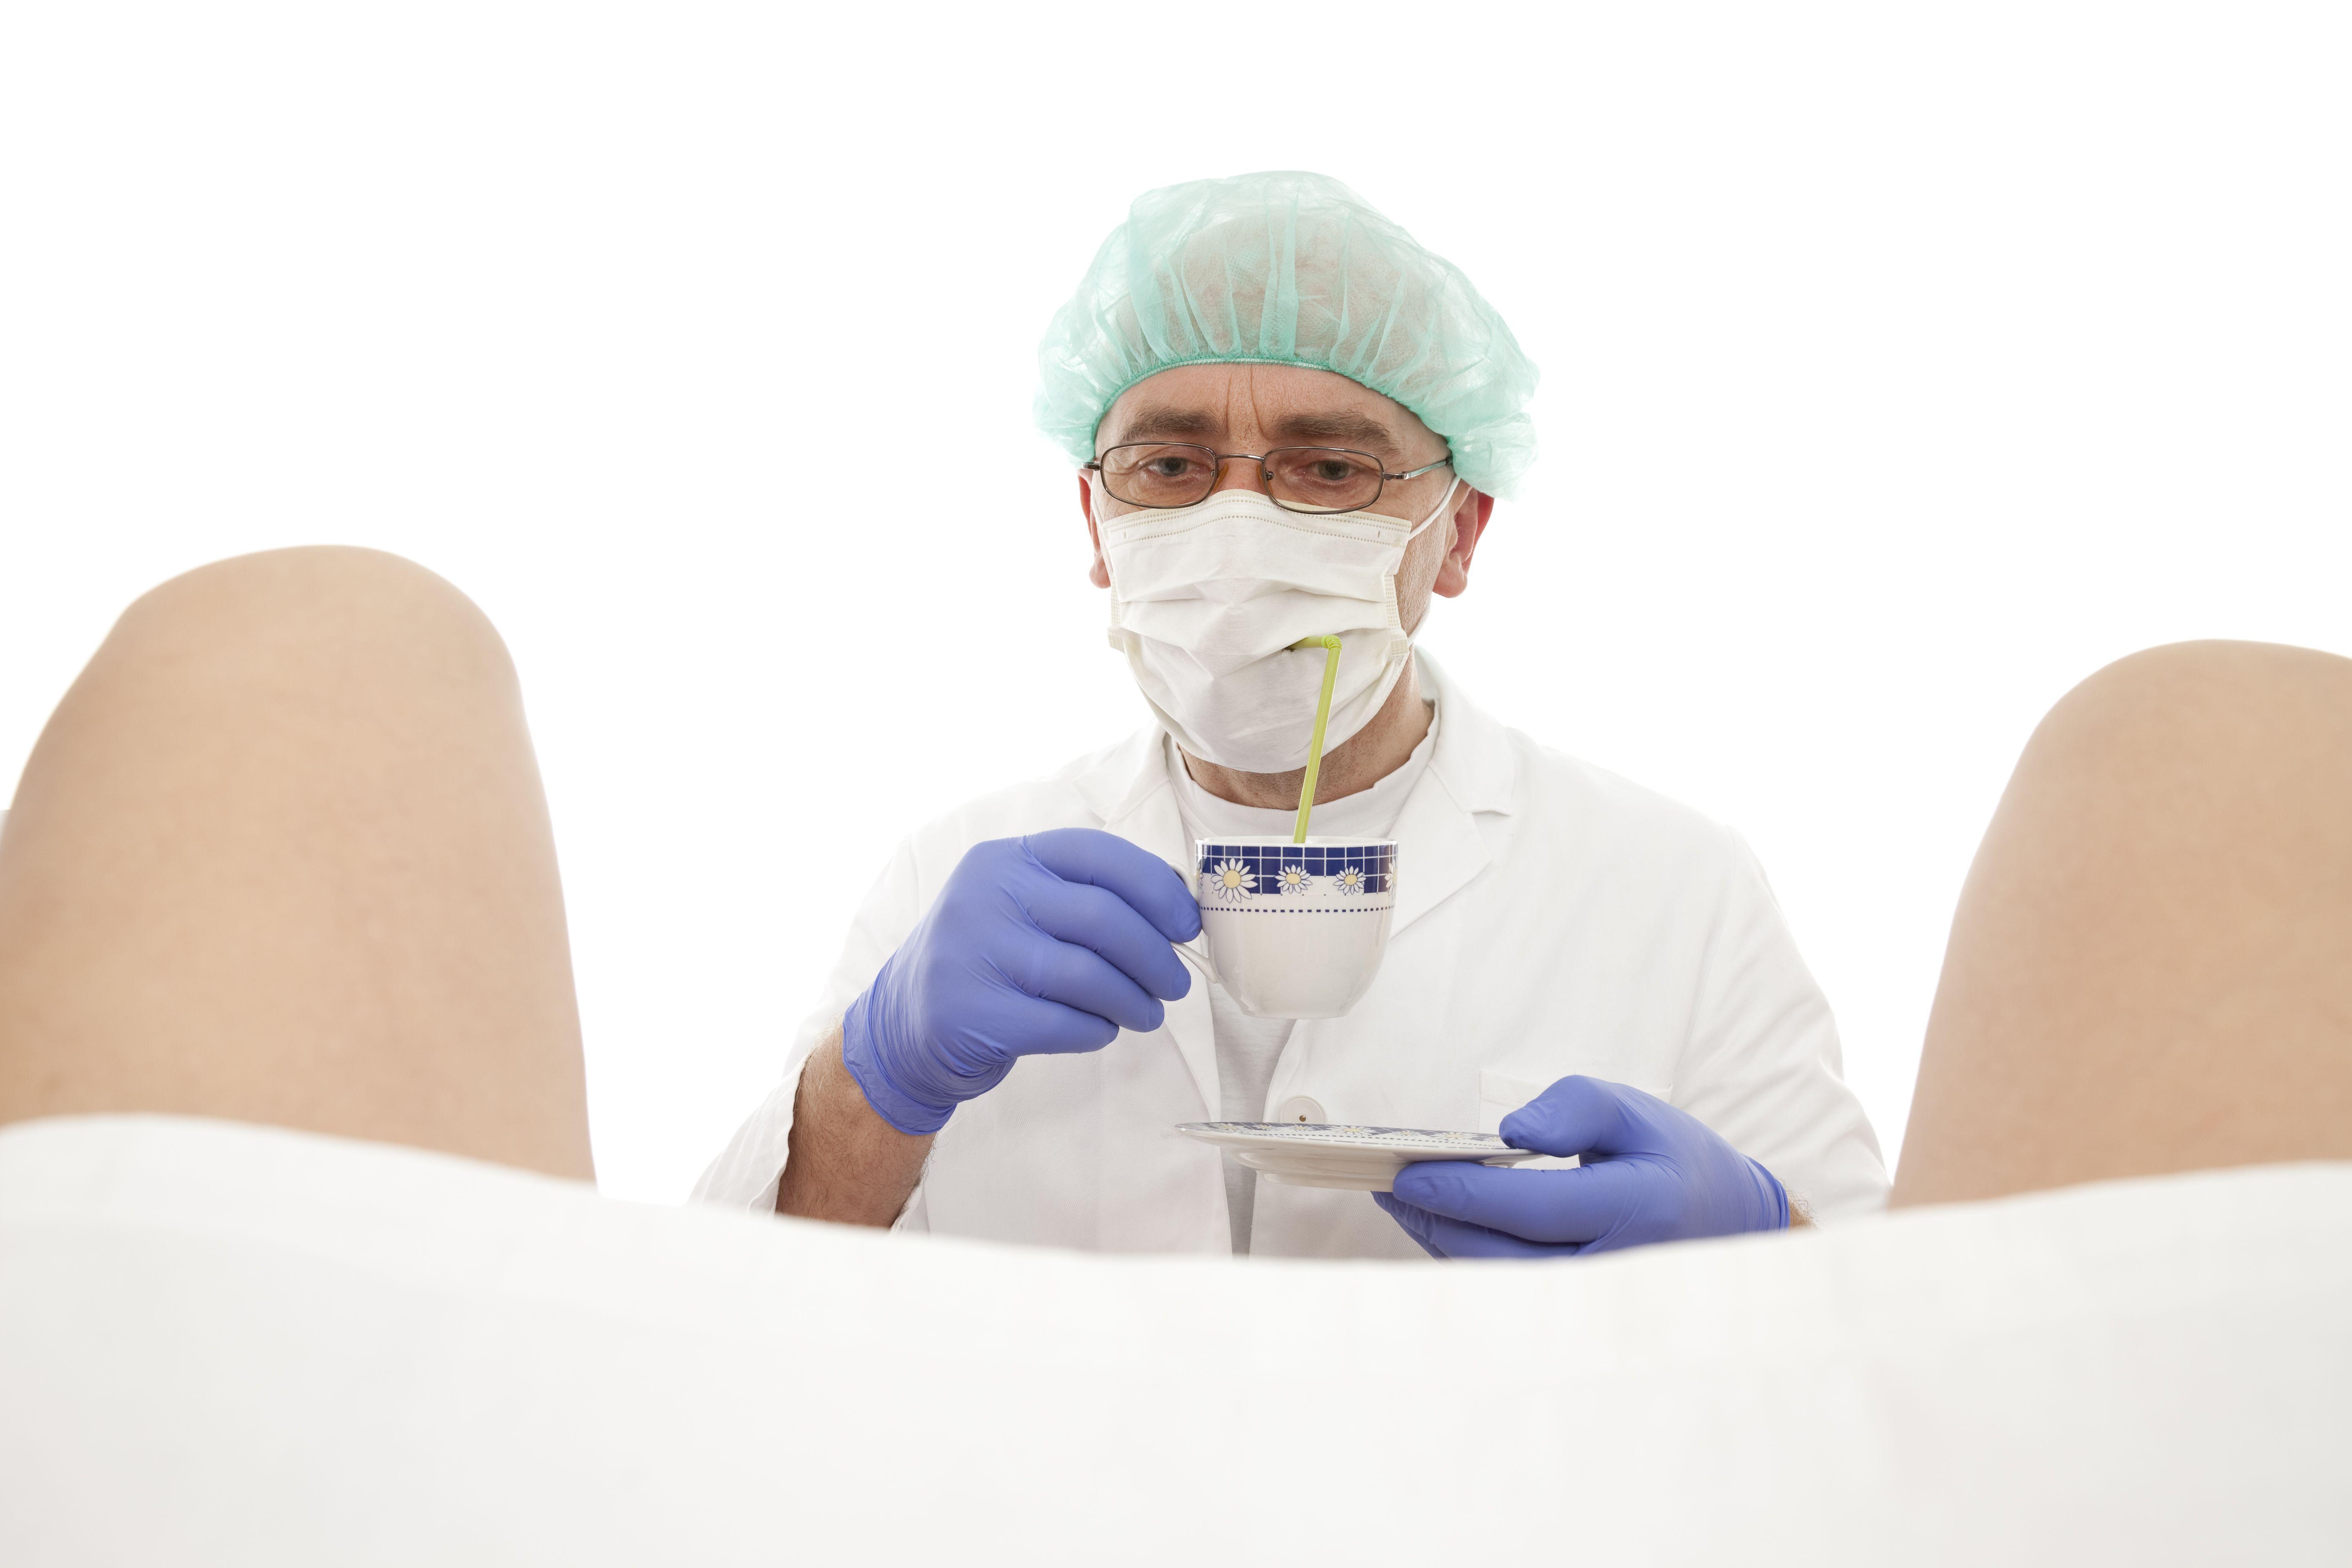 Explorando la Maternidad - Señales para detectar si estás ante un ginecólogo poco respetuoso